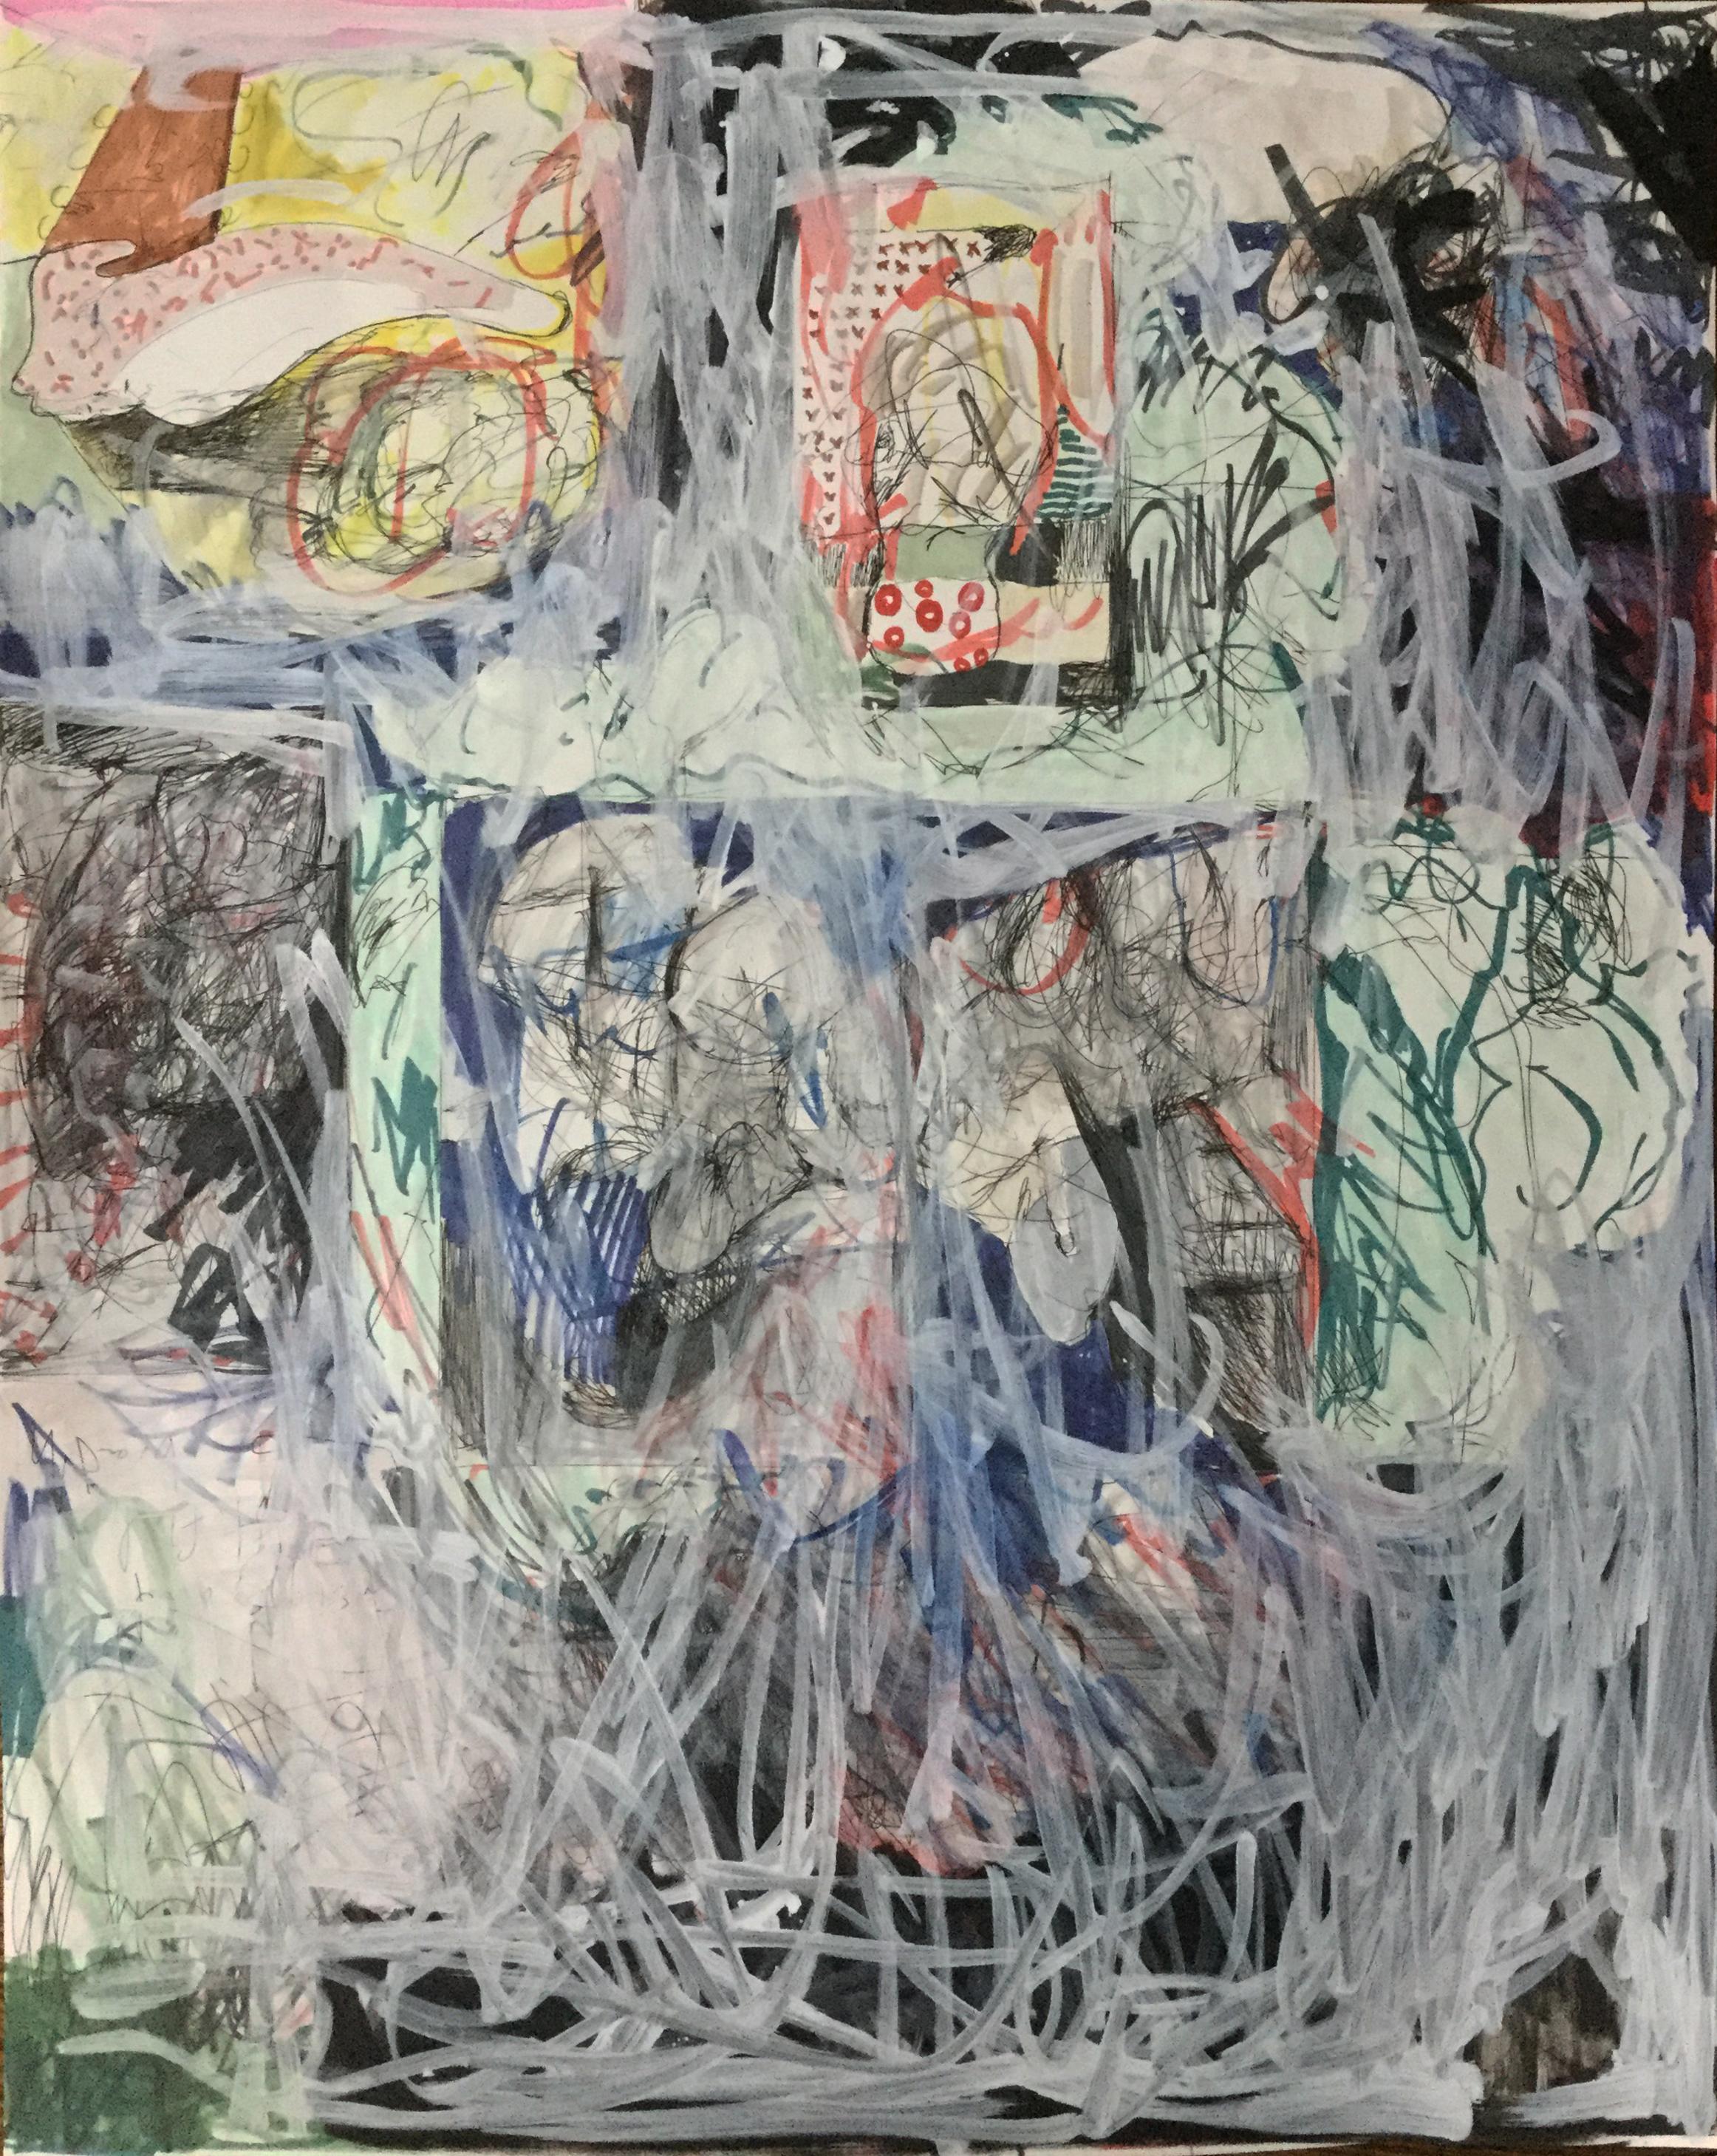 Winding Sheet (712 4/17)